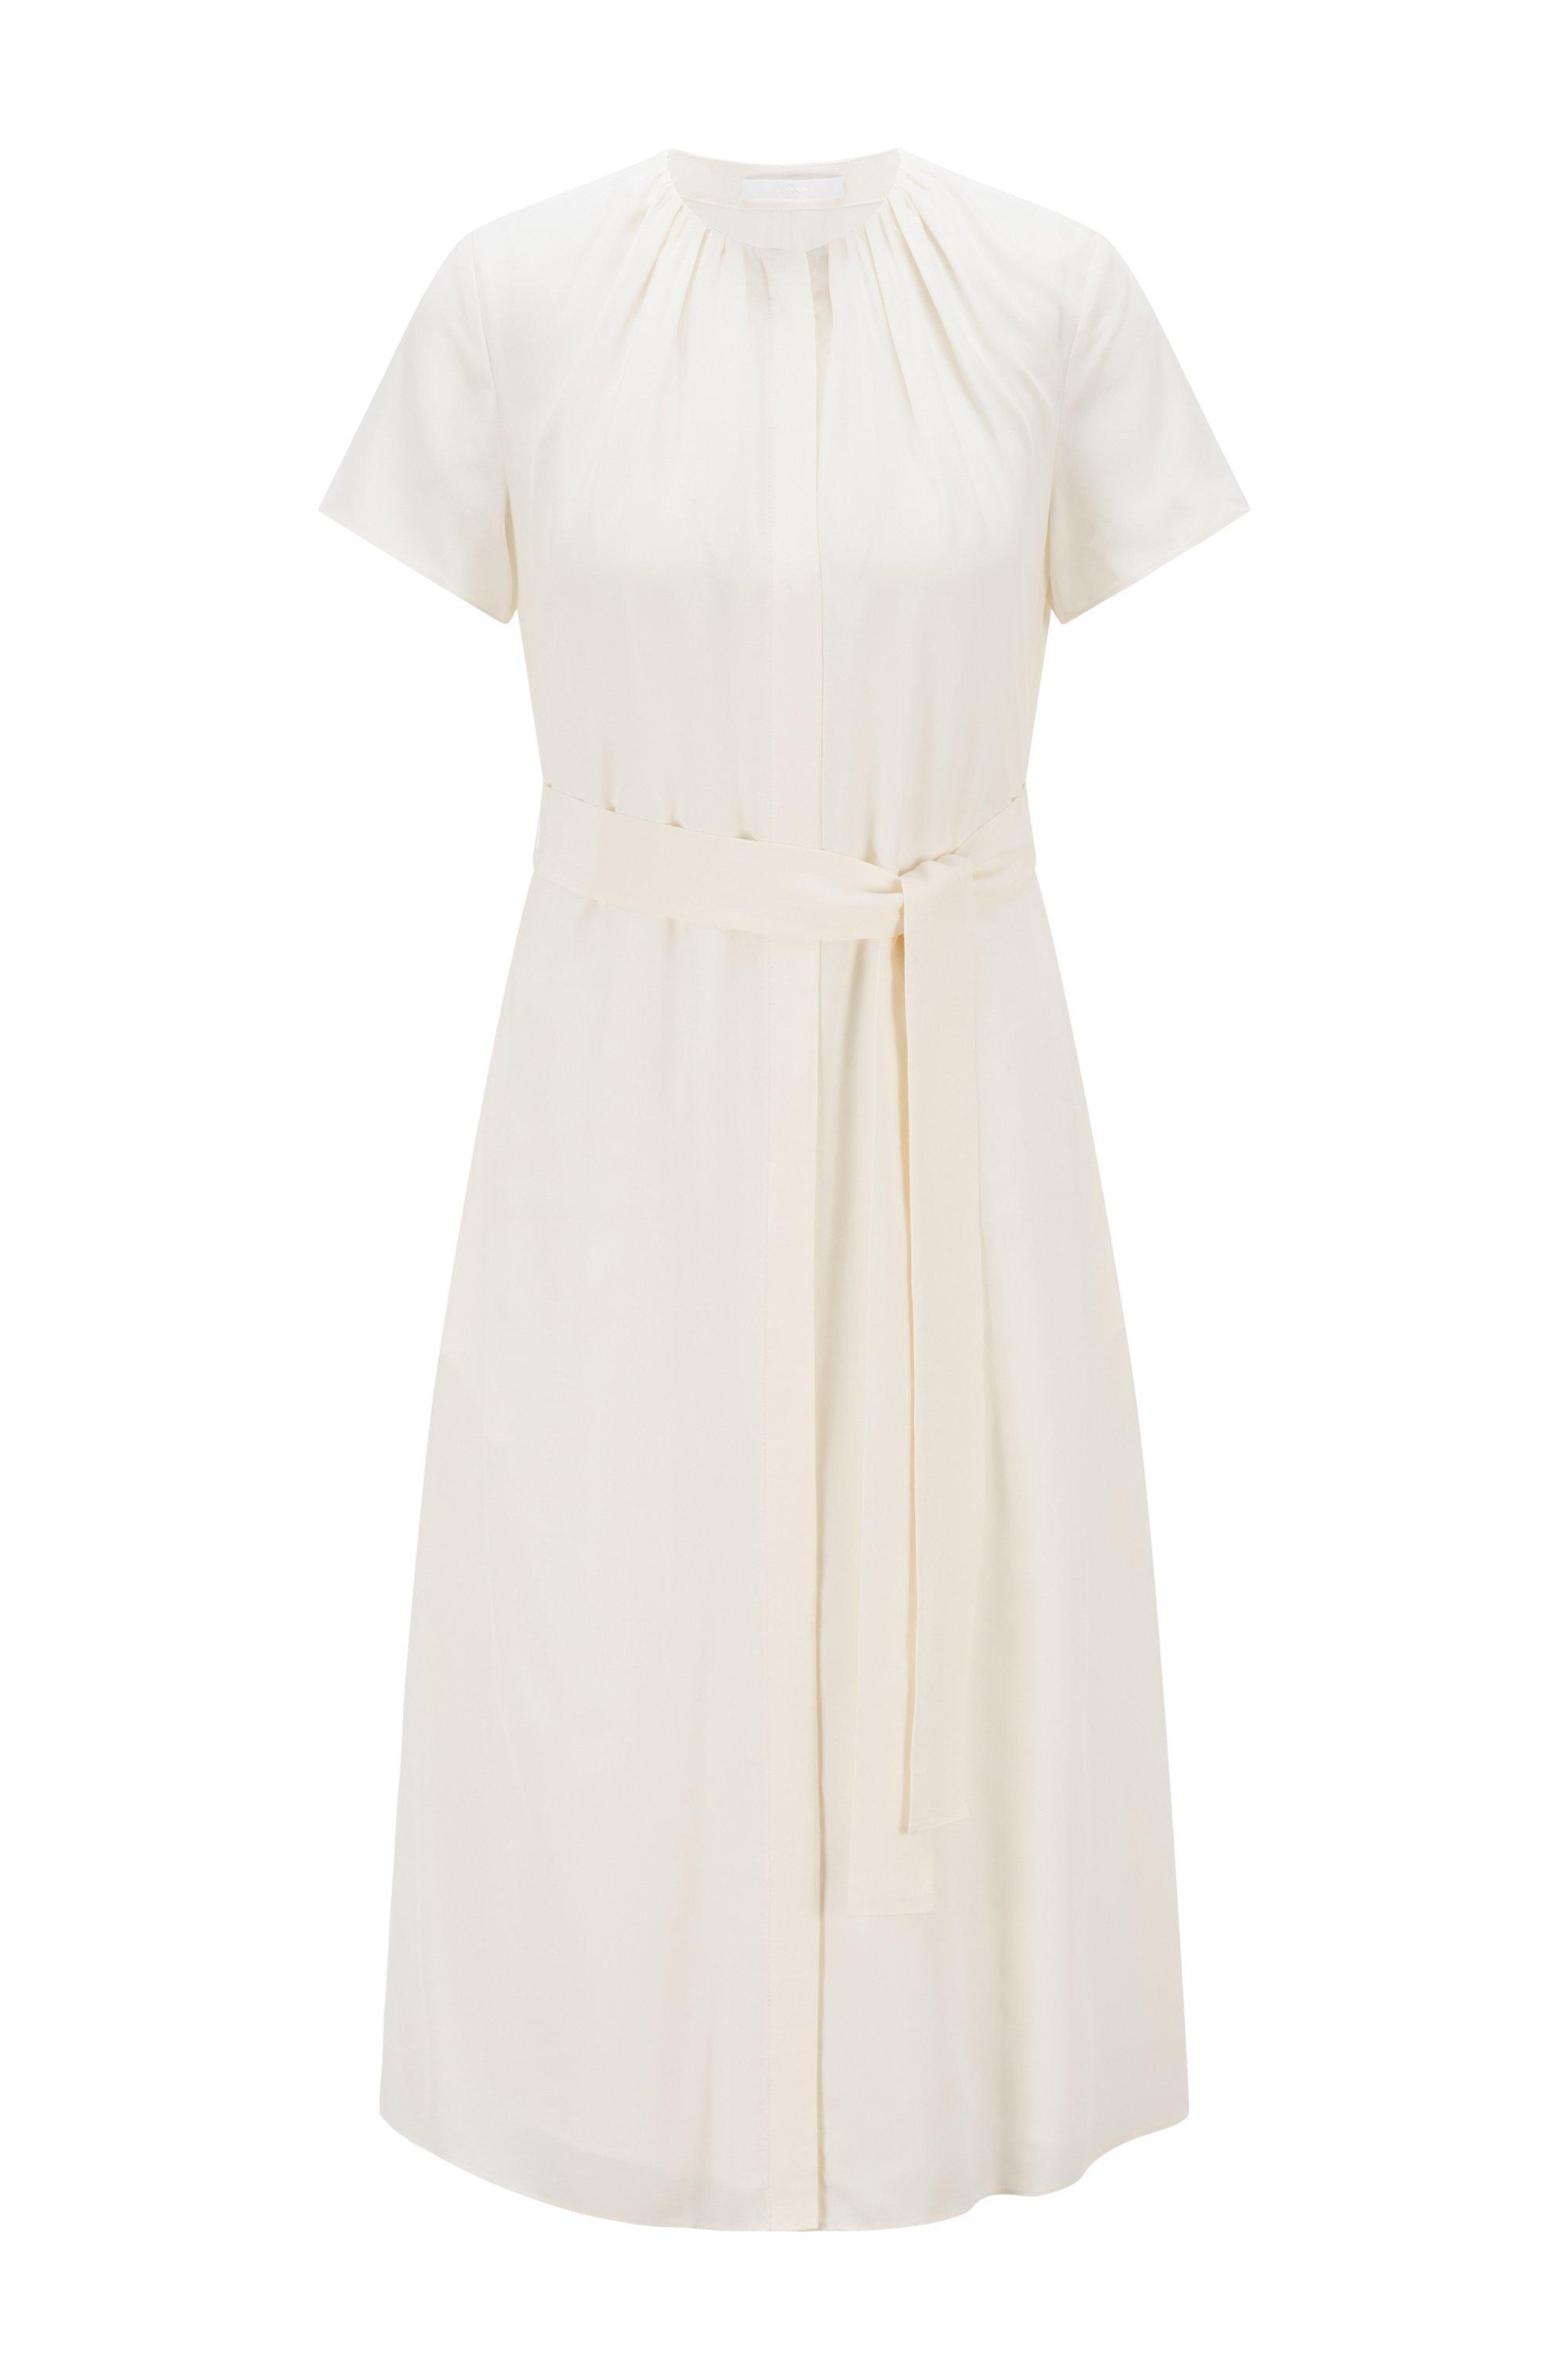 Robe mi-longue en crêpe effet froissé, avec encolure froncée, Blanc